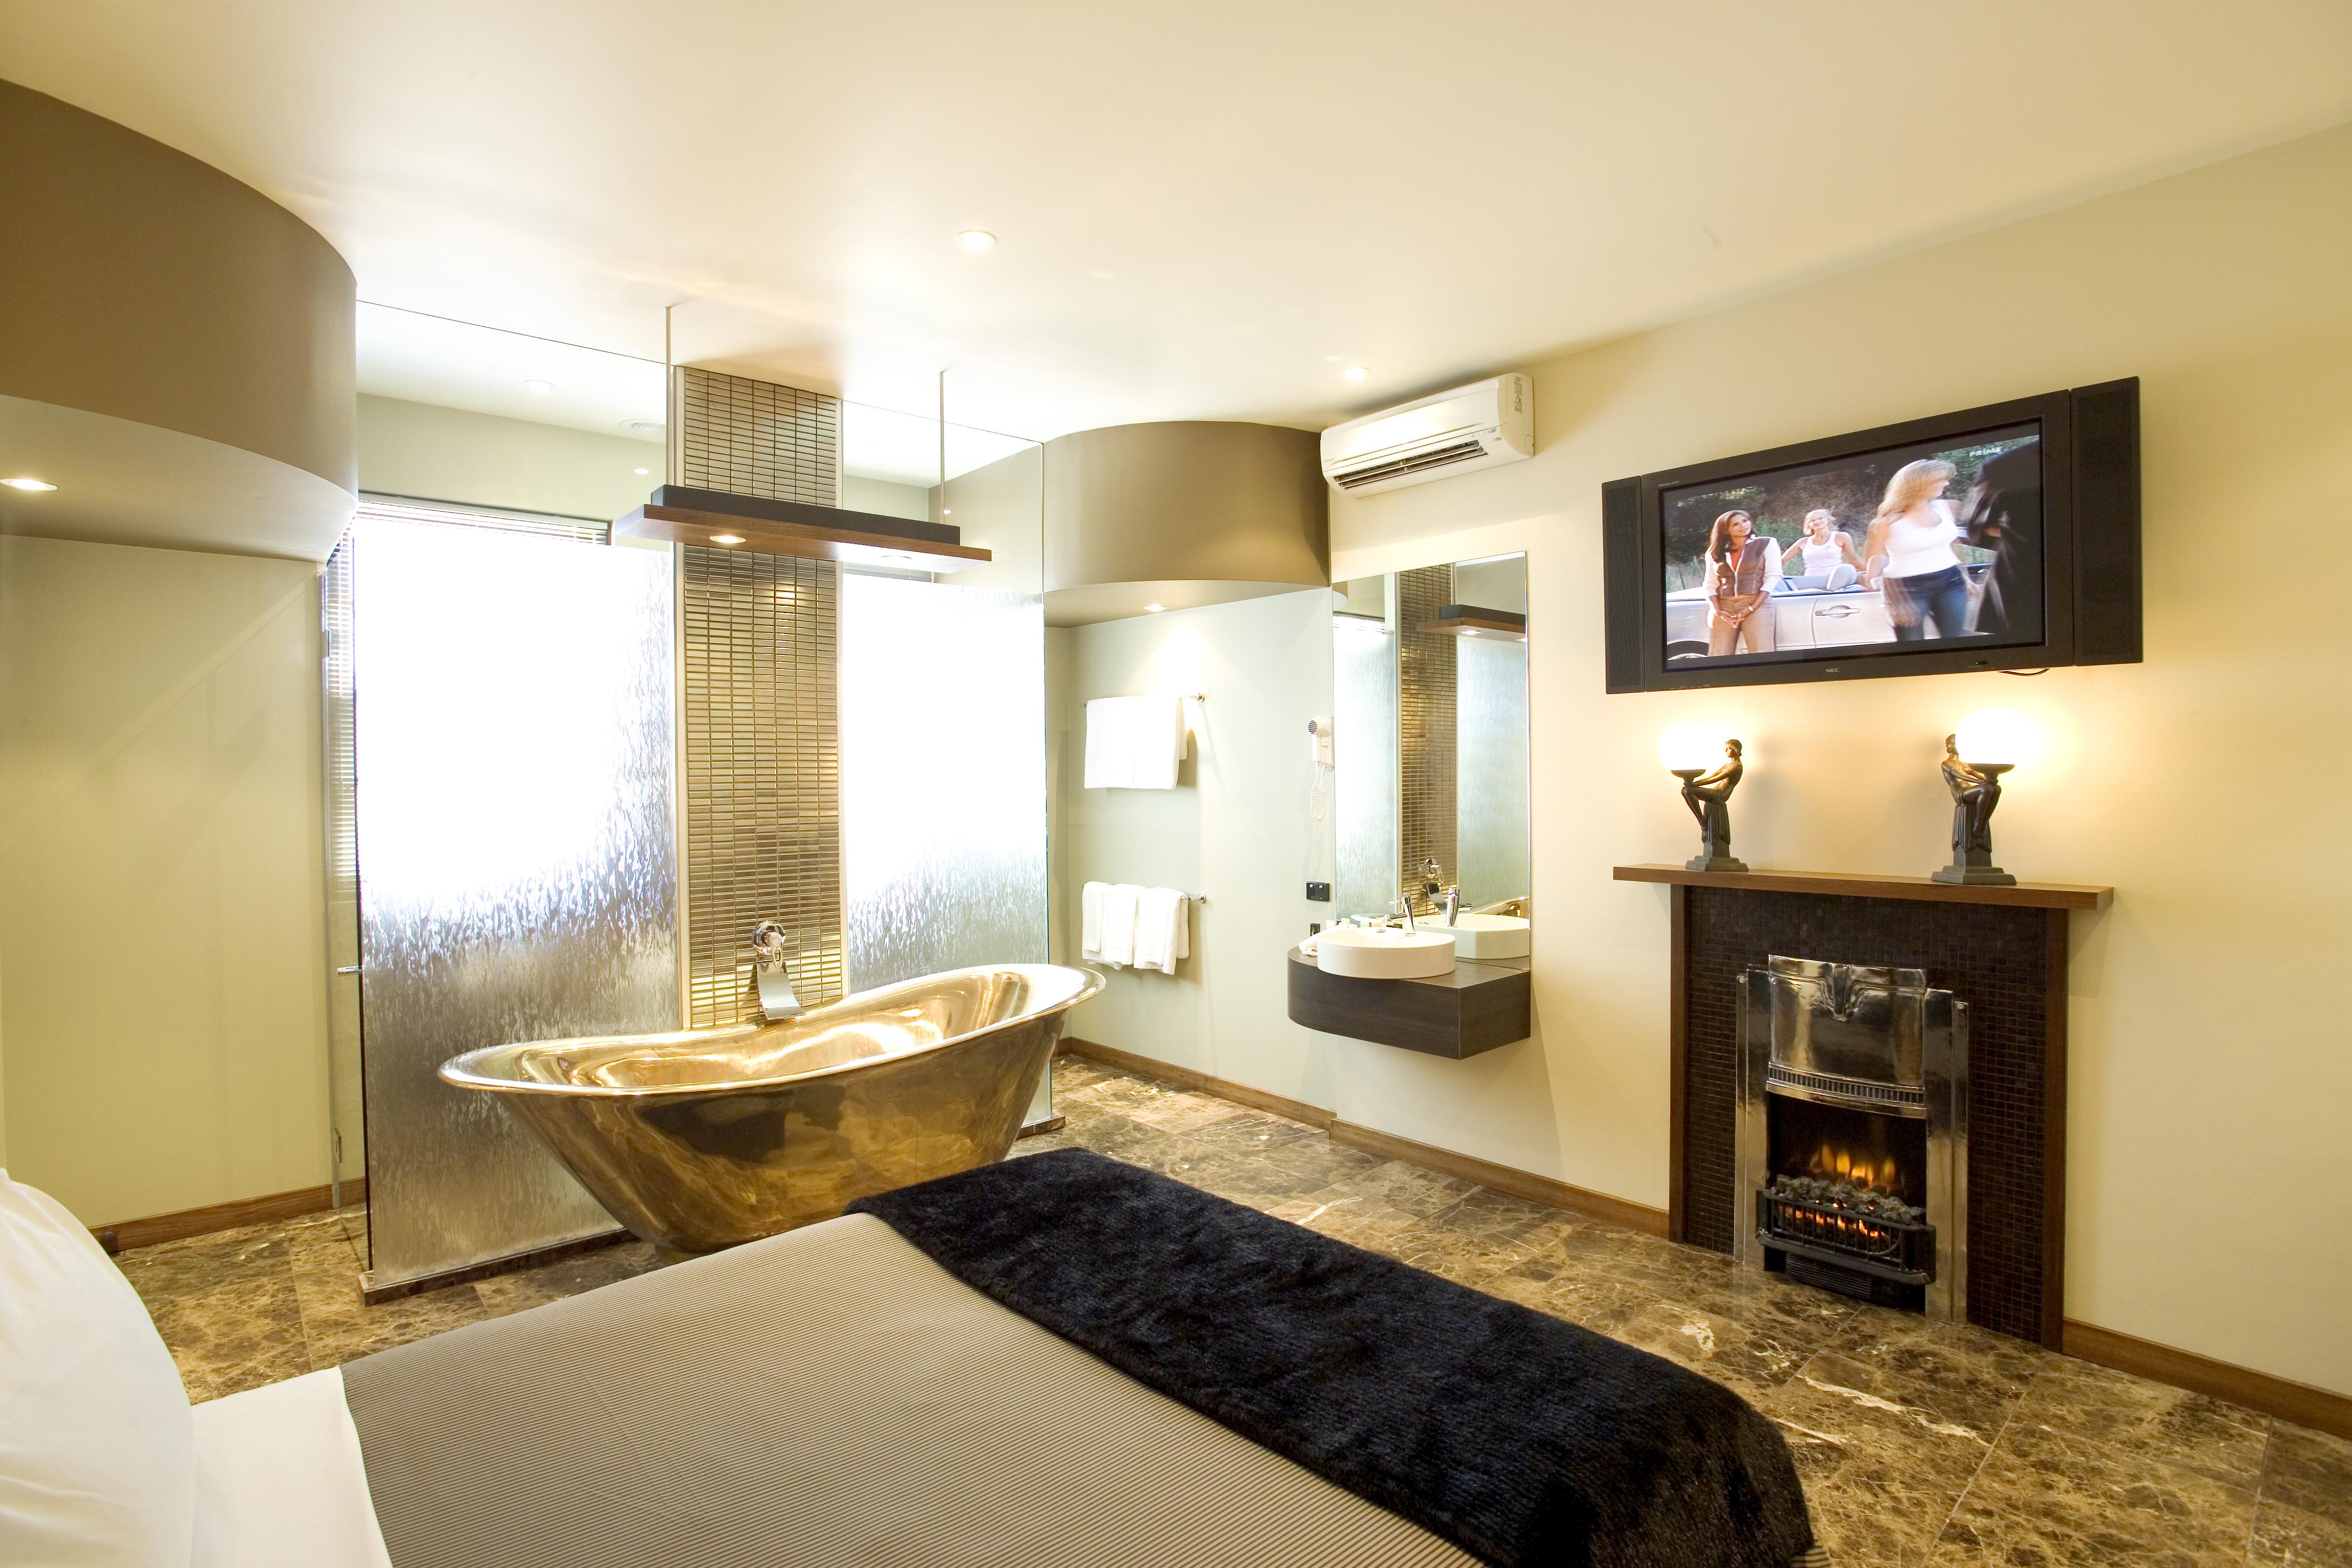 Springs Hotel Room